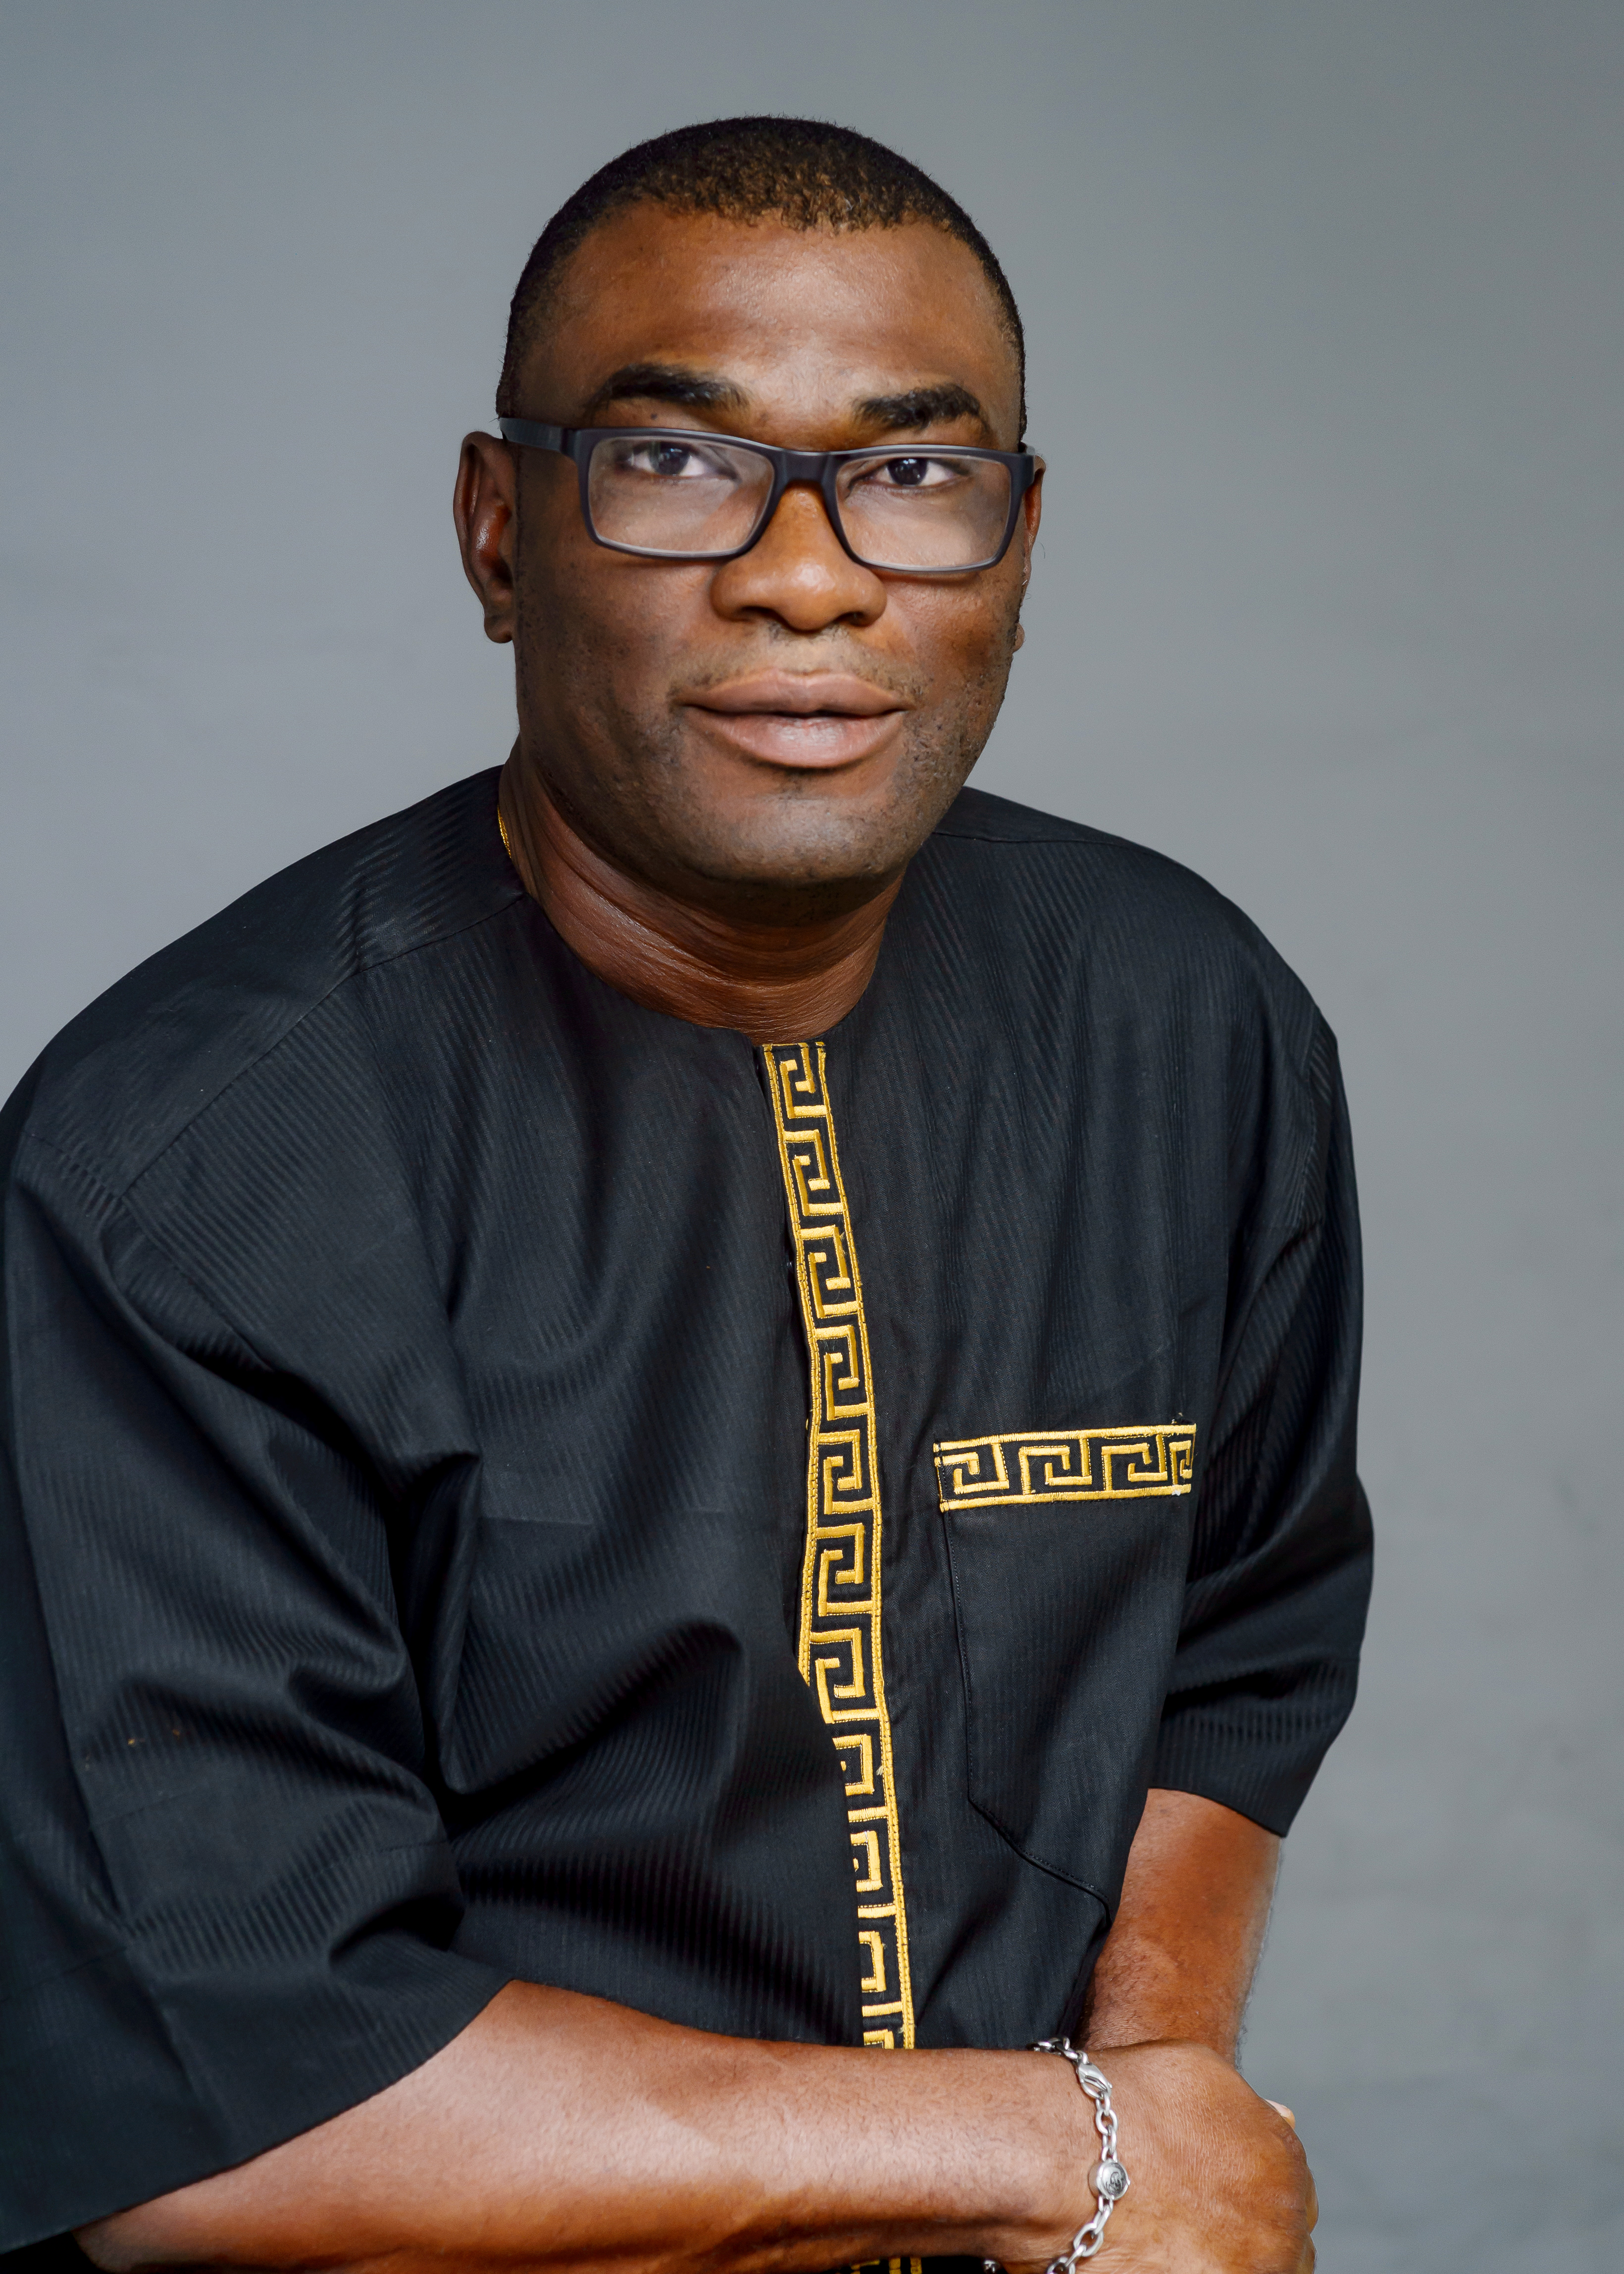 Olufemi Olukayode Ogunlowo